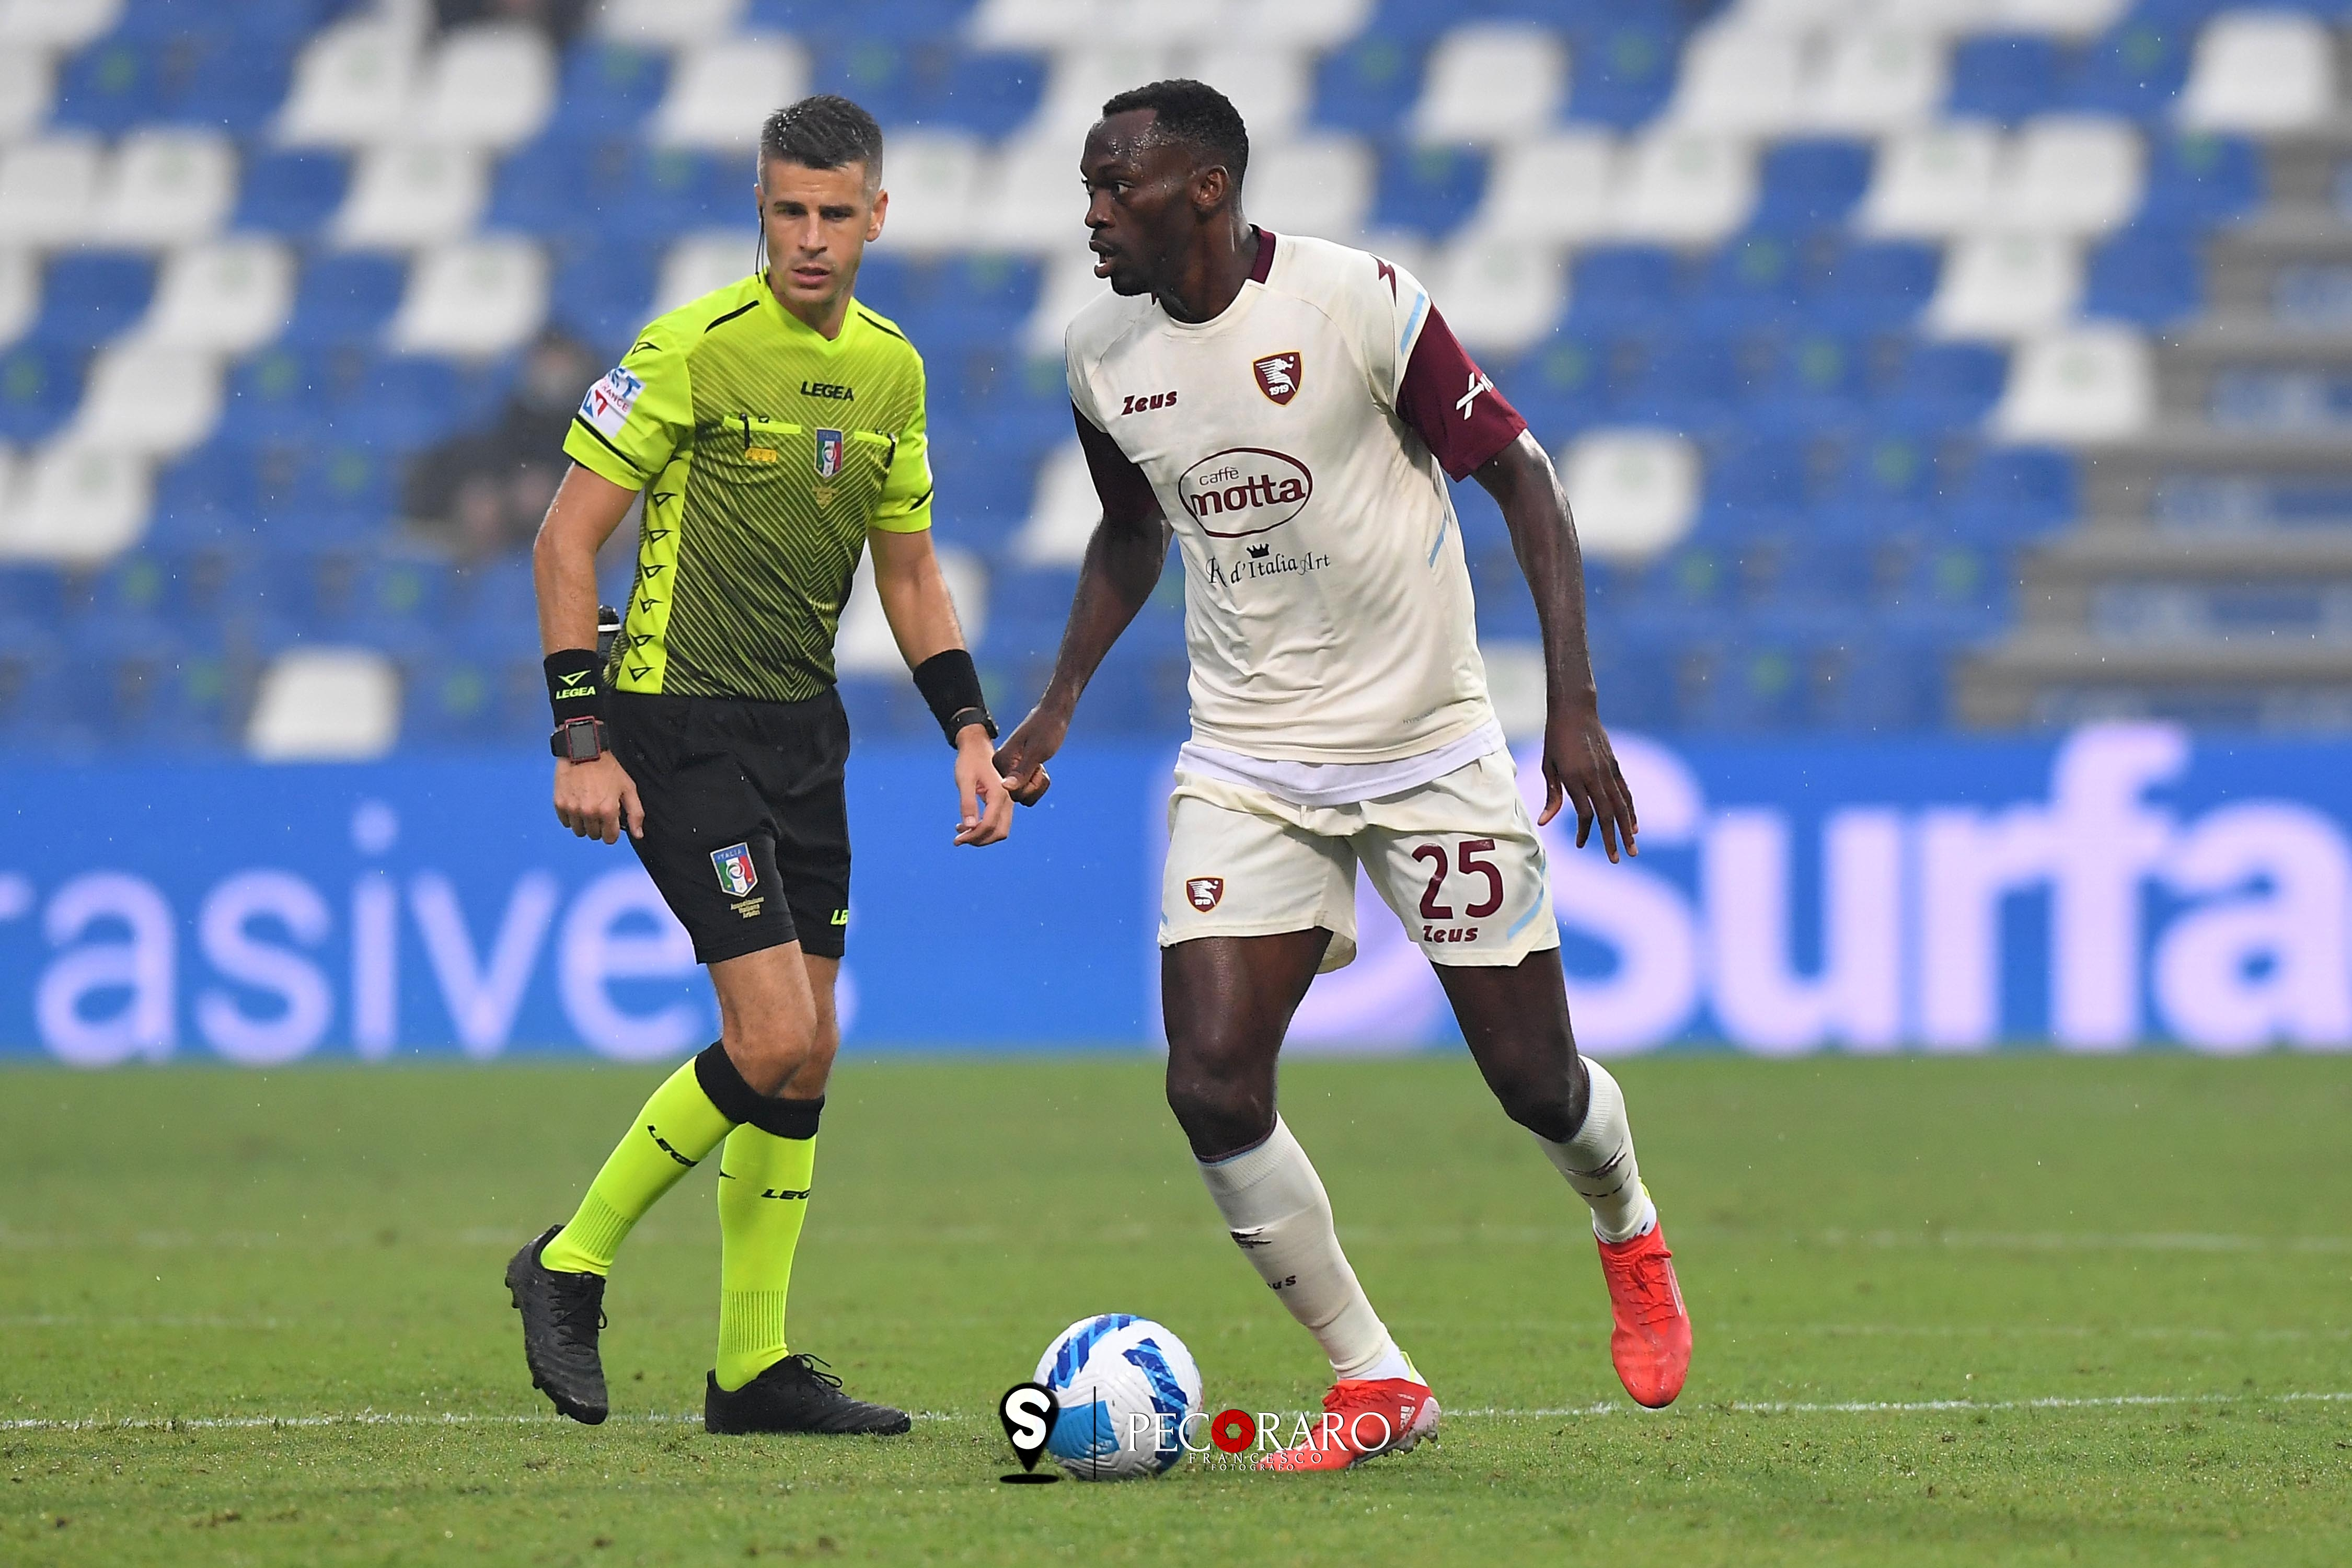 Sal - 26 settembre 2021 Sassuolo - Salernitana campionato serie A 2021/2022